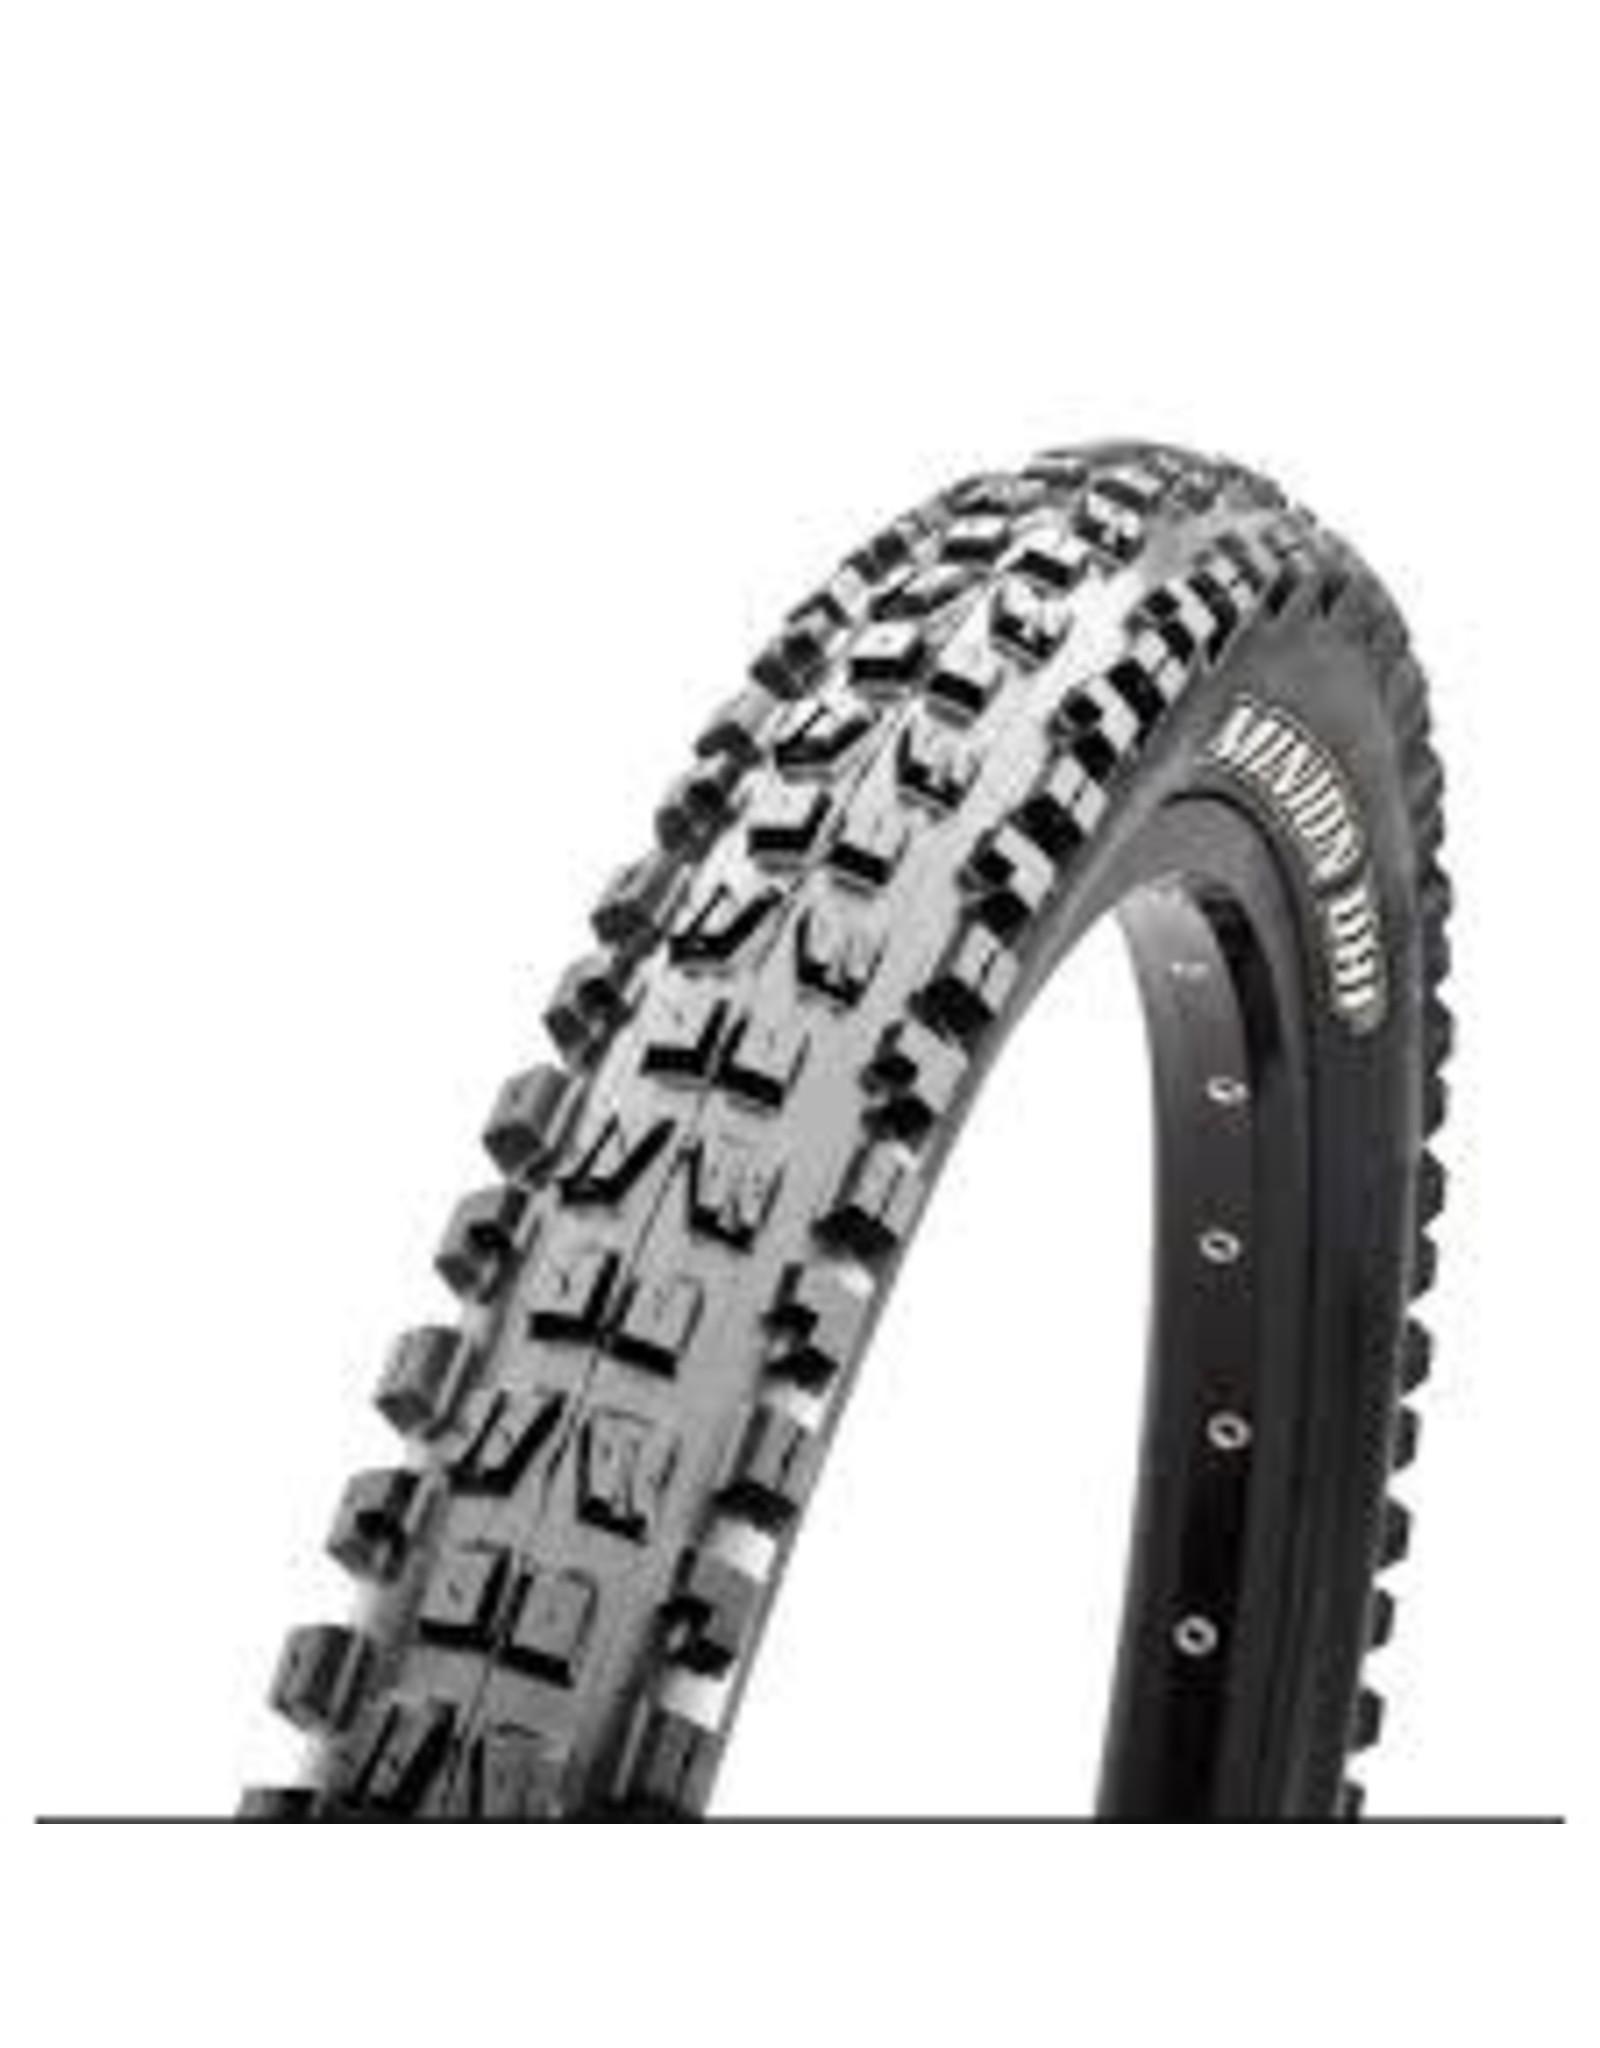 Maxxis Maxxis, Minion DHF, Tire, 27.5''x2.30, Folding, Tubeless Ready, 3C Maxx Terra, EXO, 60TPI, Black